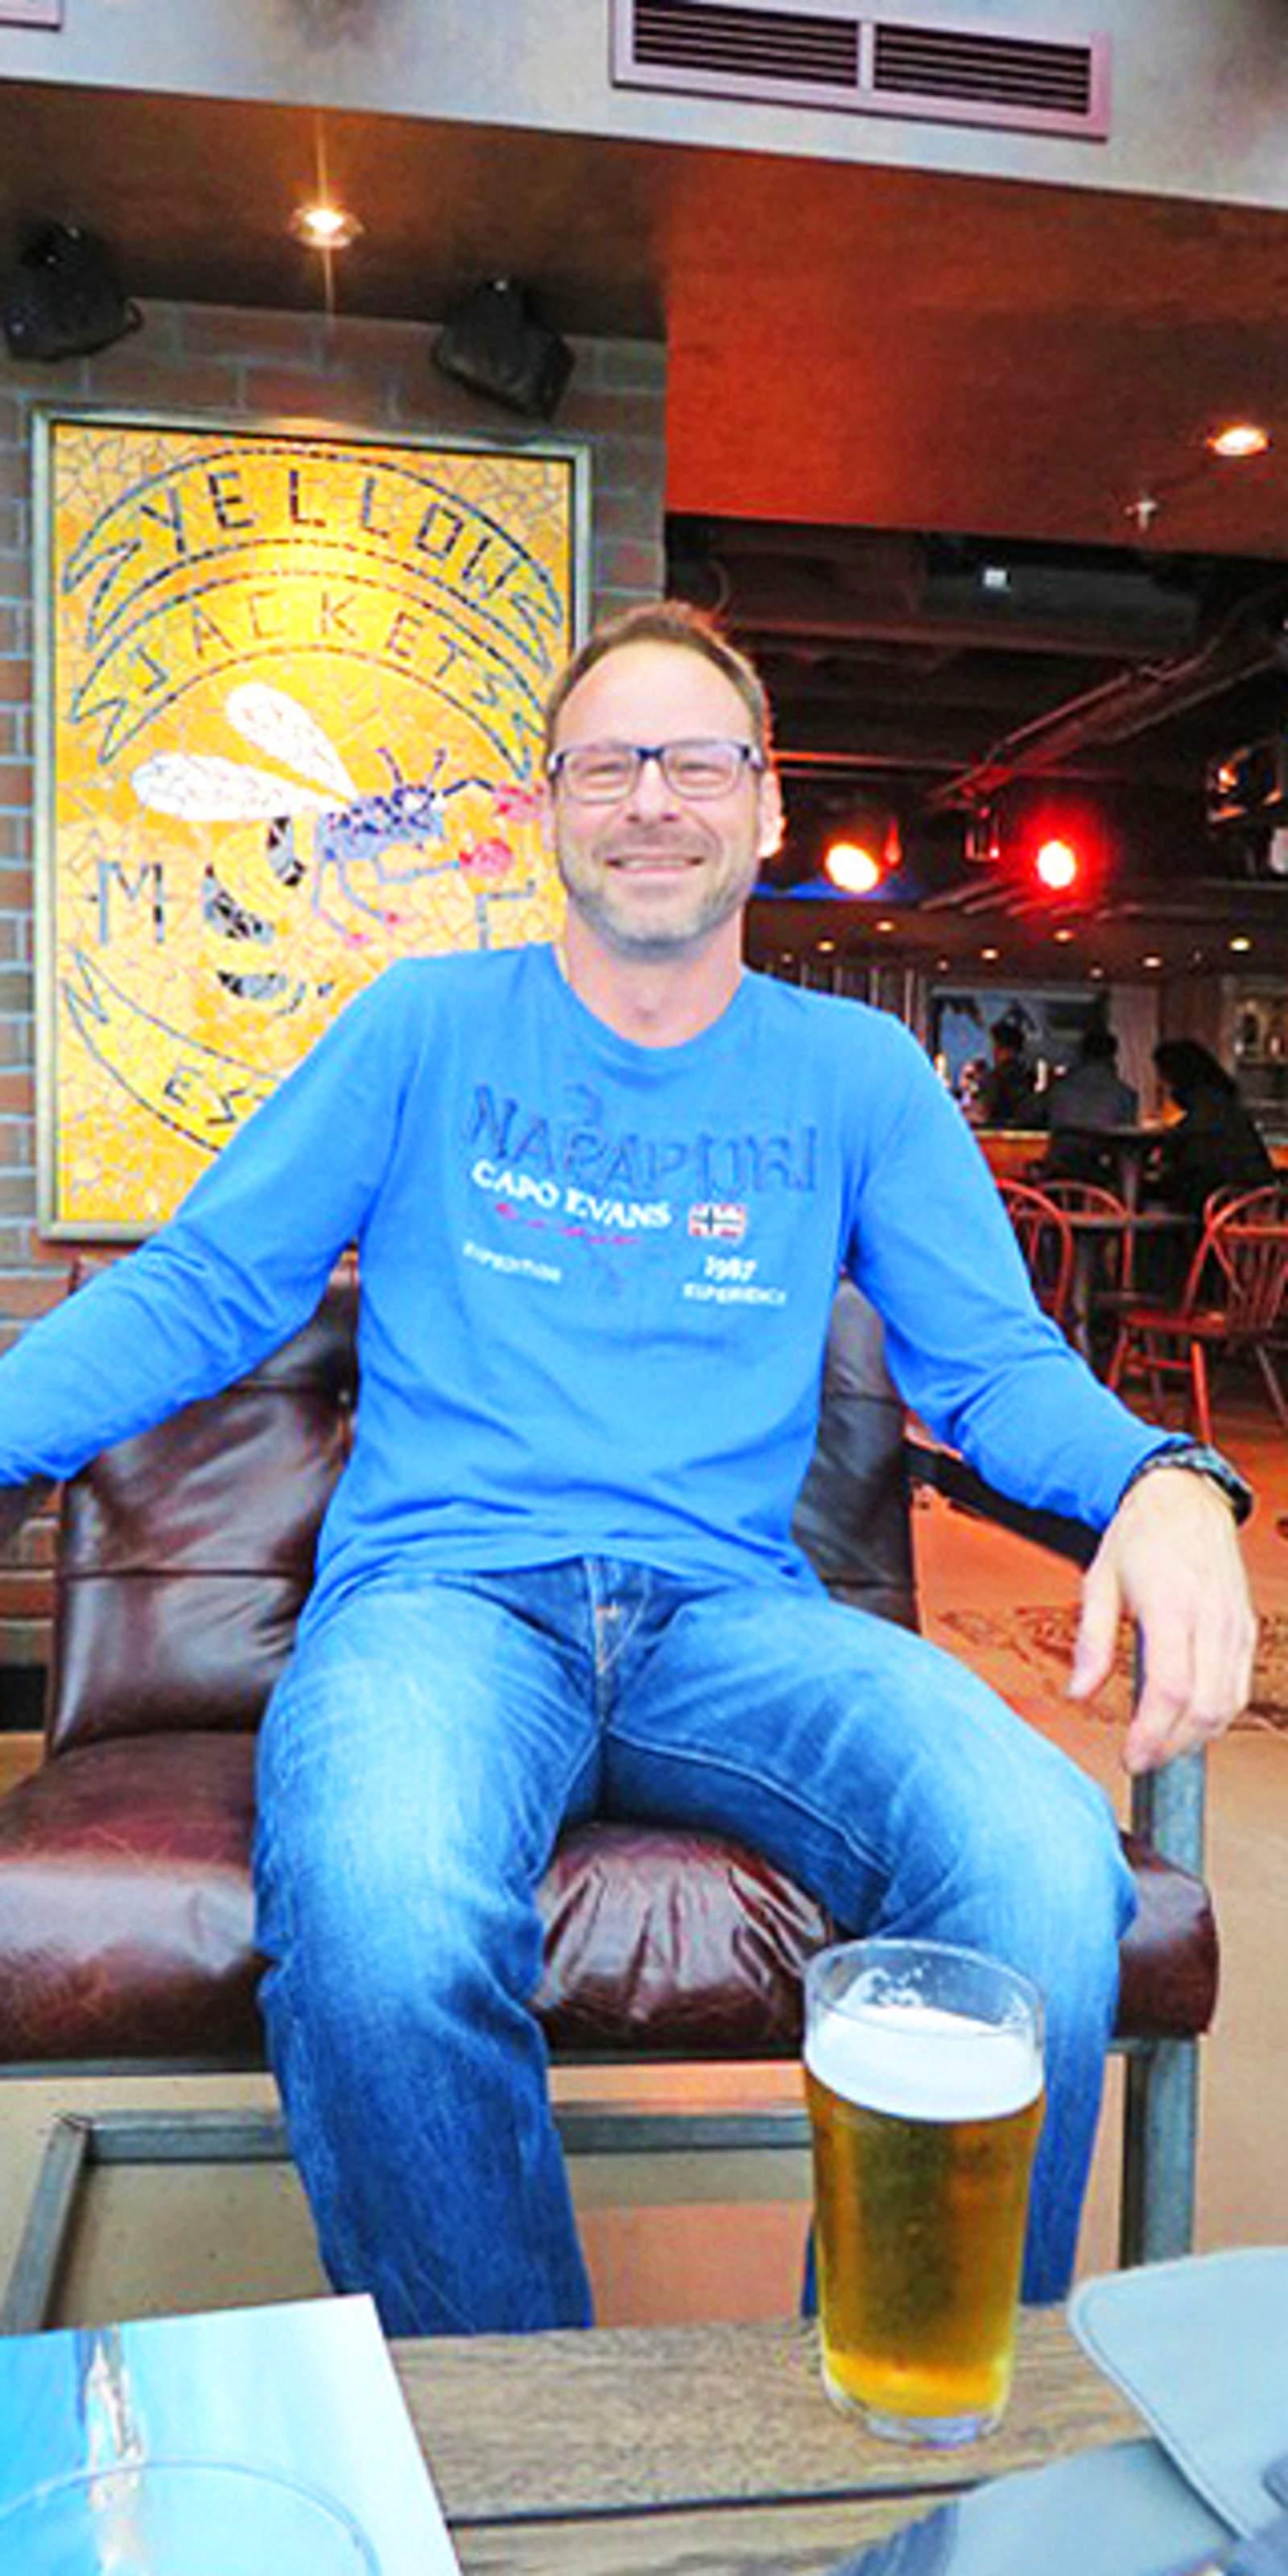 Andreas Neumann auf der NCL Escape im District Brew House